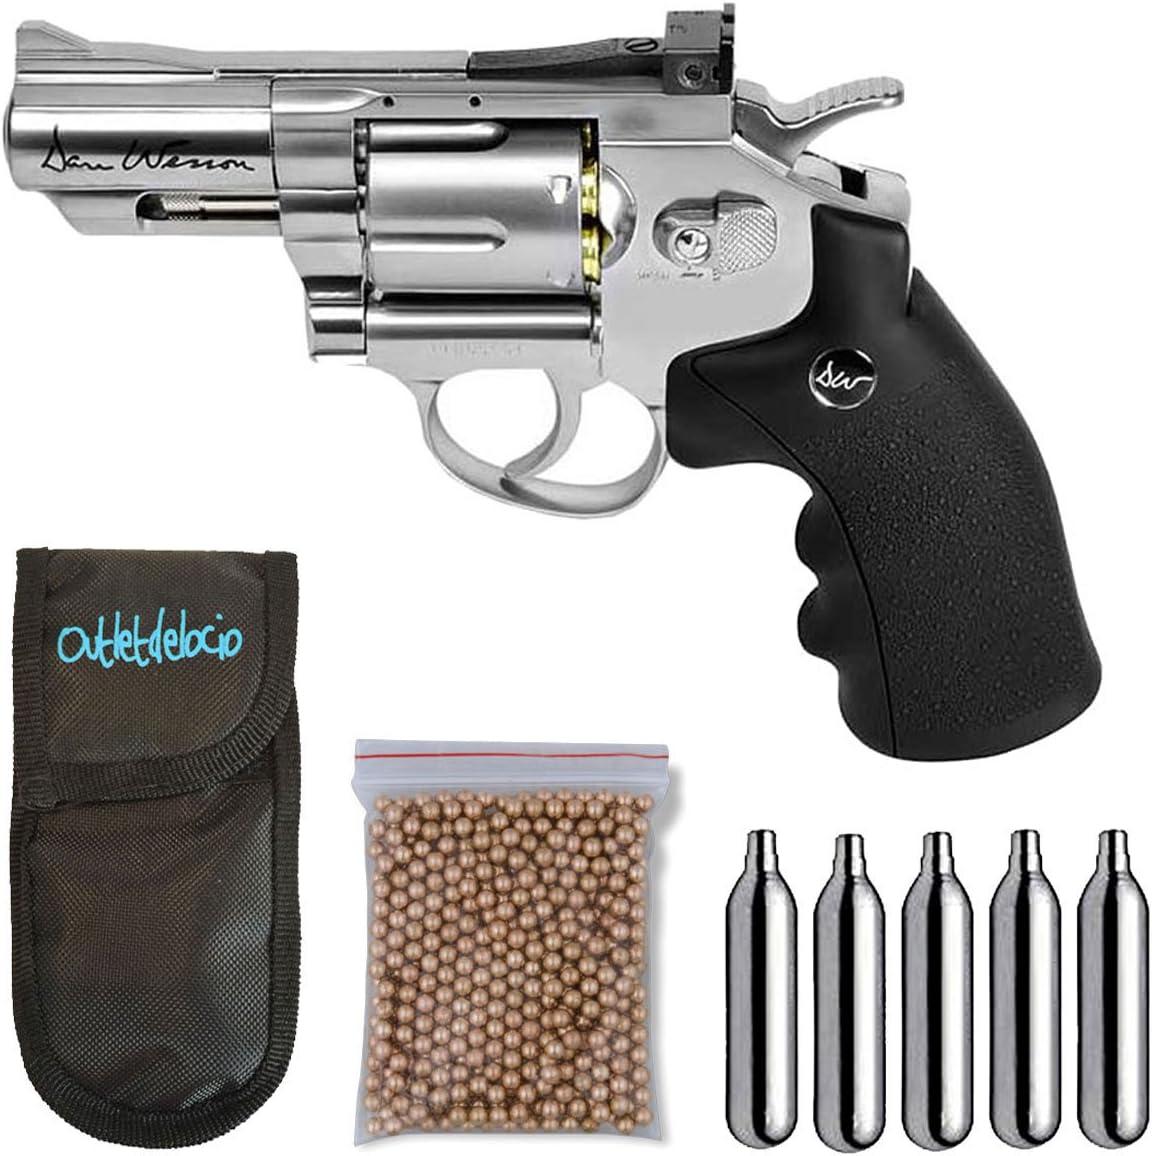 Outletdelocio. Revolver perdigon ASG17177 Dan Wesson 2,5 Pulgadas + Funda Portabombonas + Balines + Bombonas co2. 23054/29318/38123